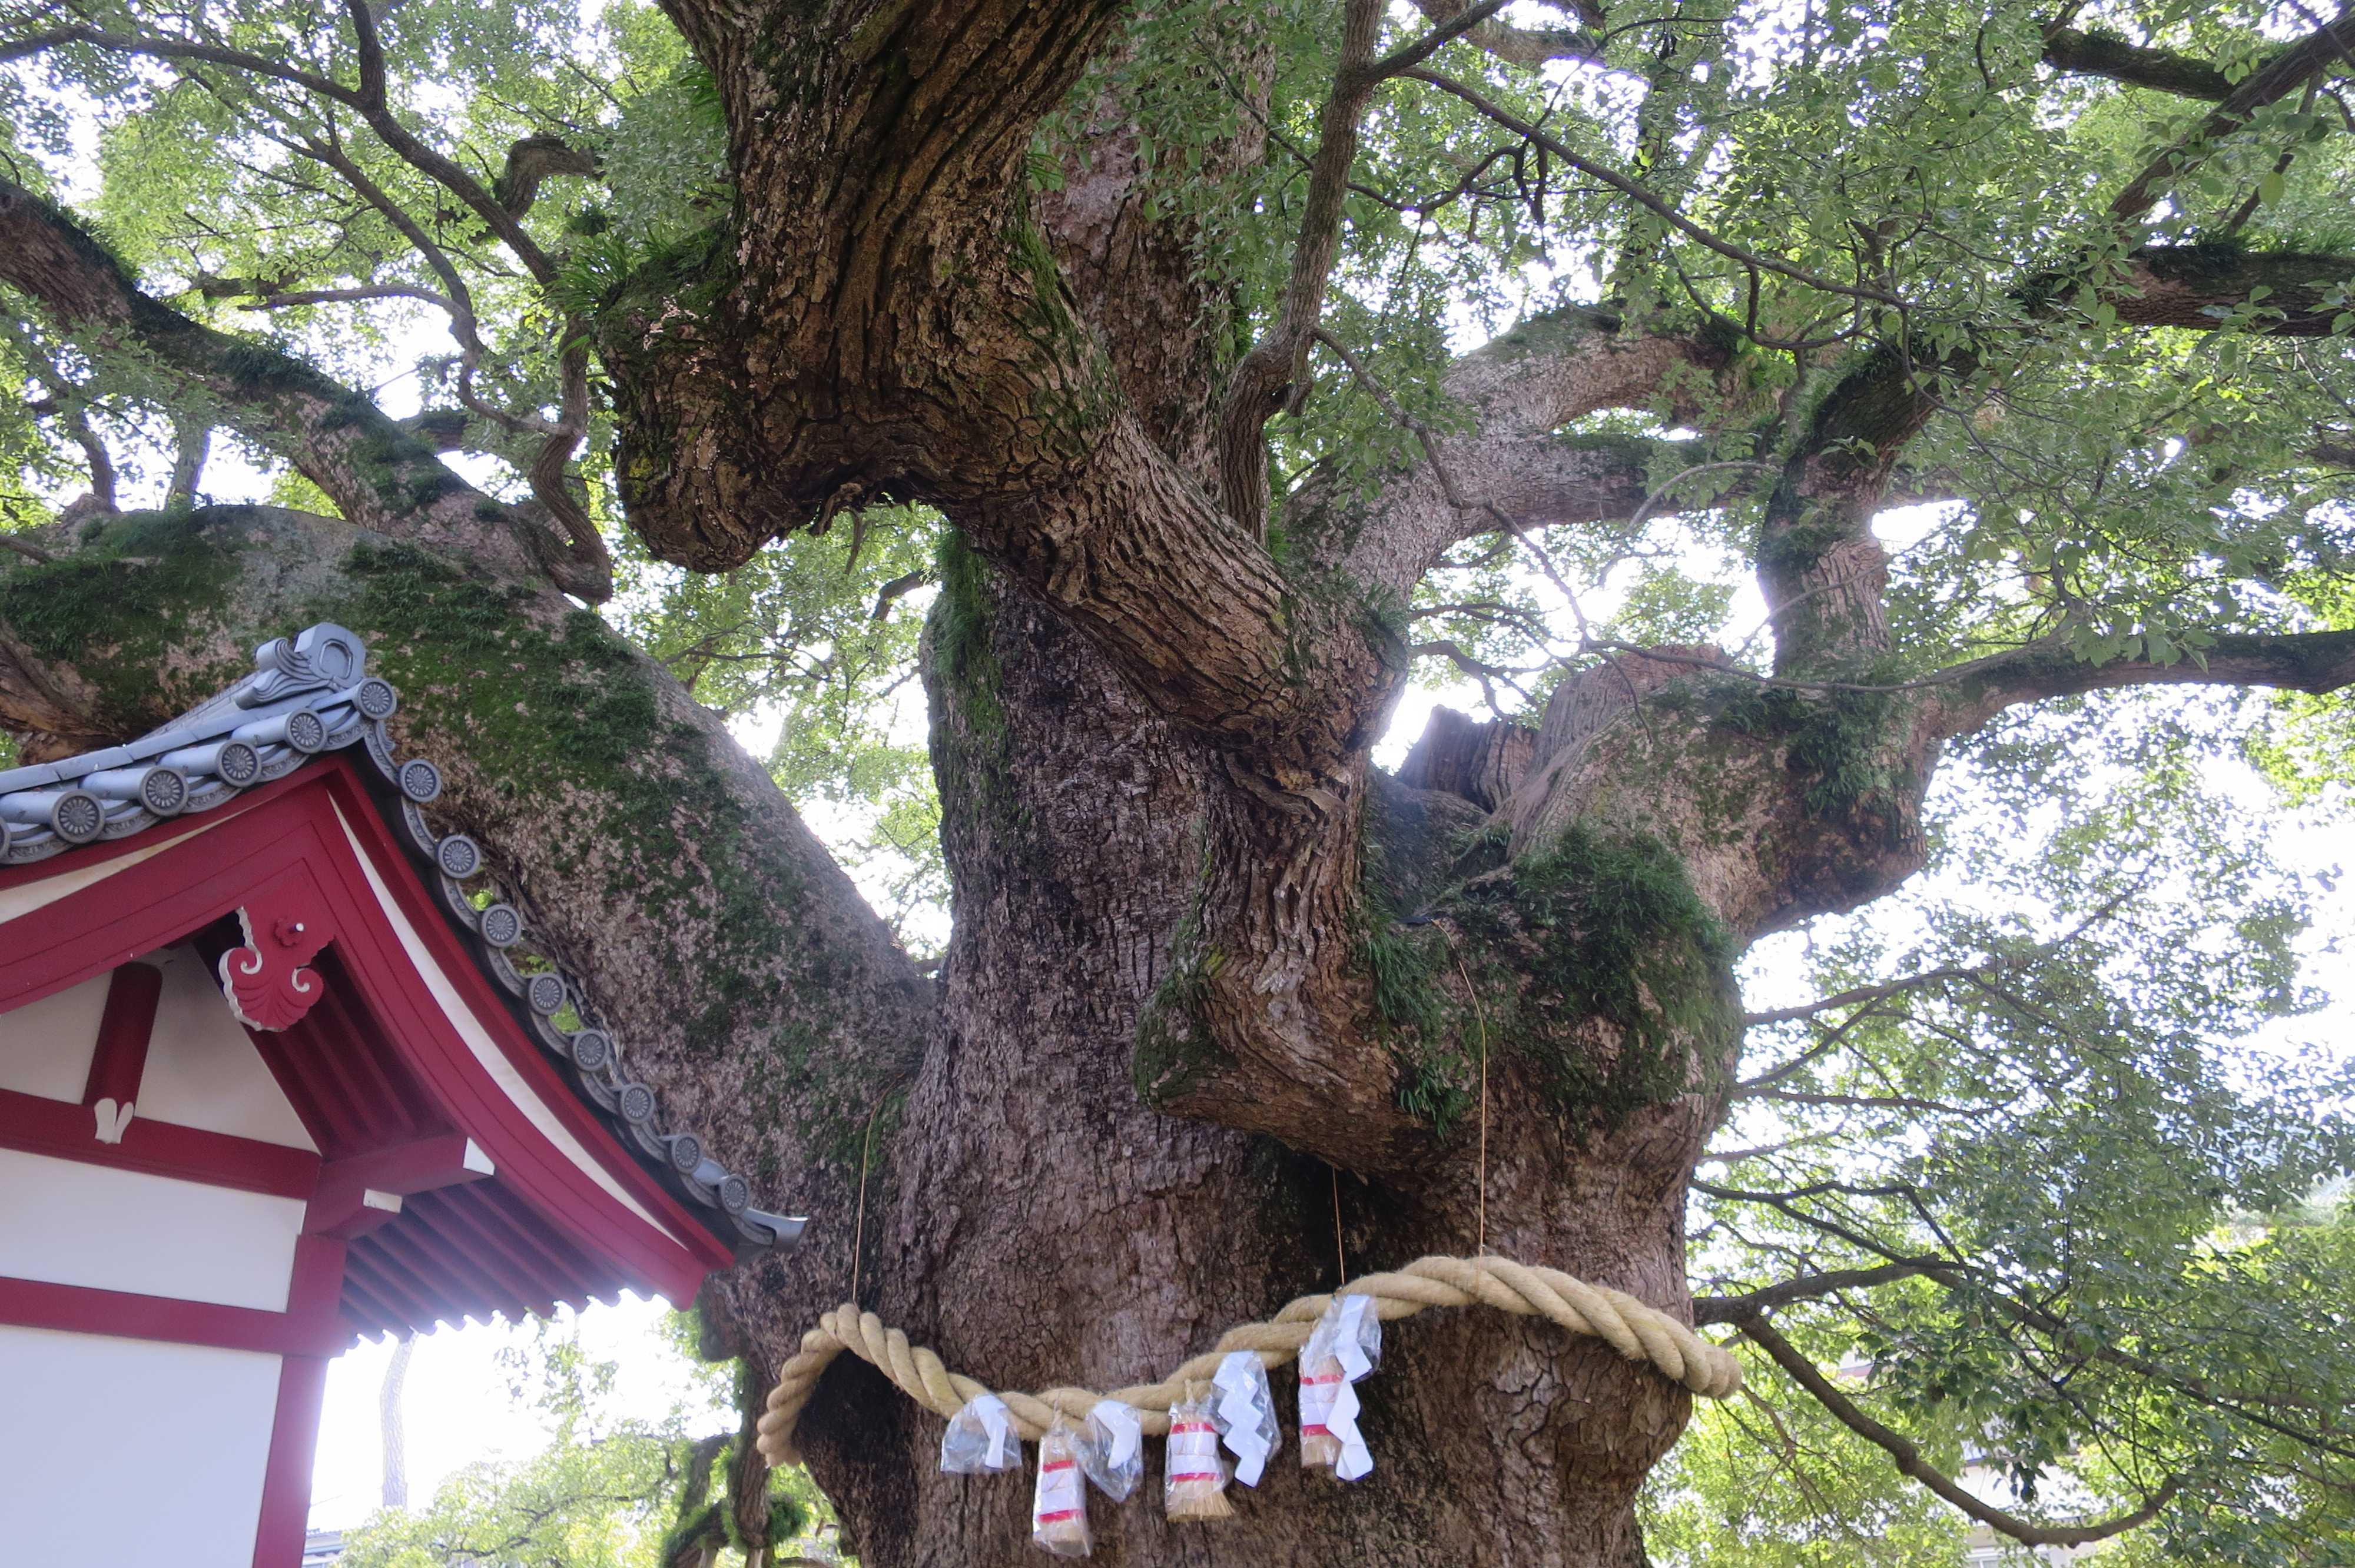 香川県天然記念物「善通寺境内の大クス」